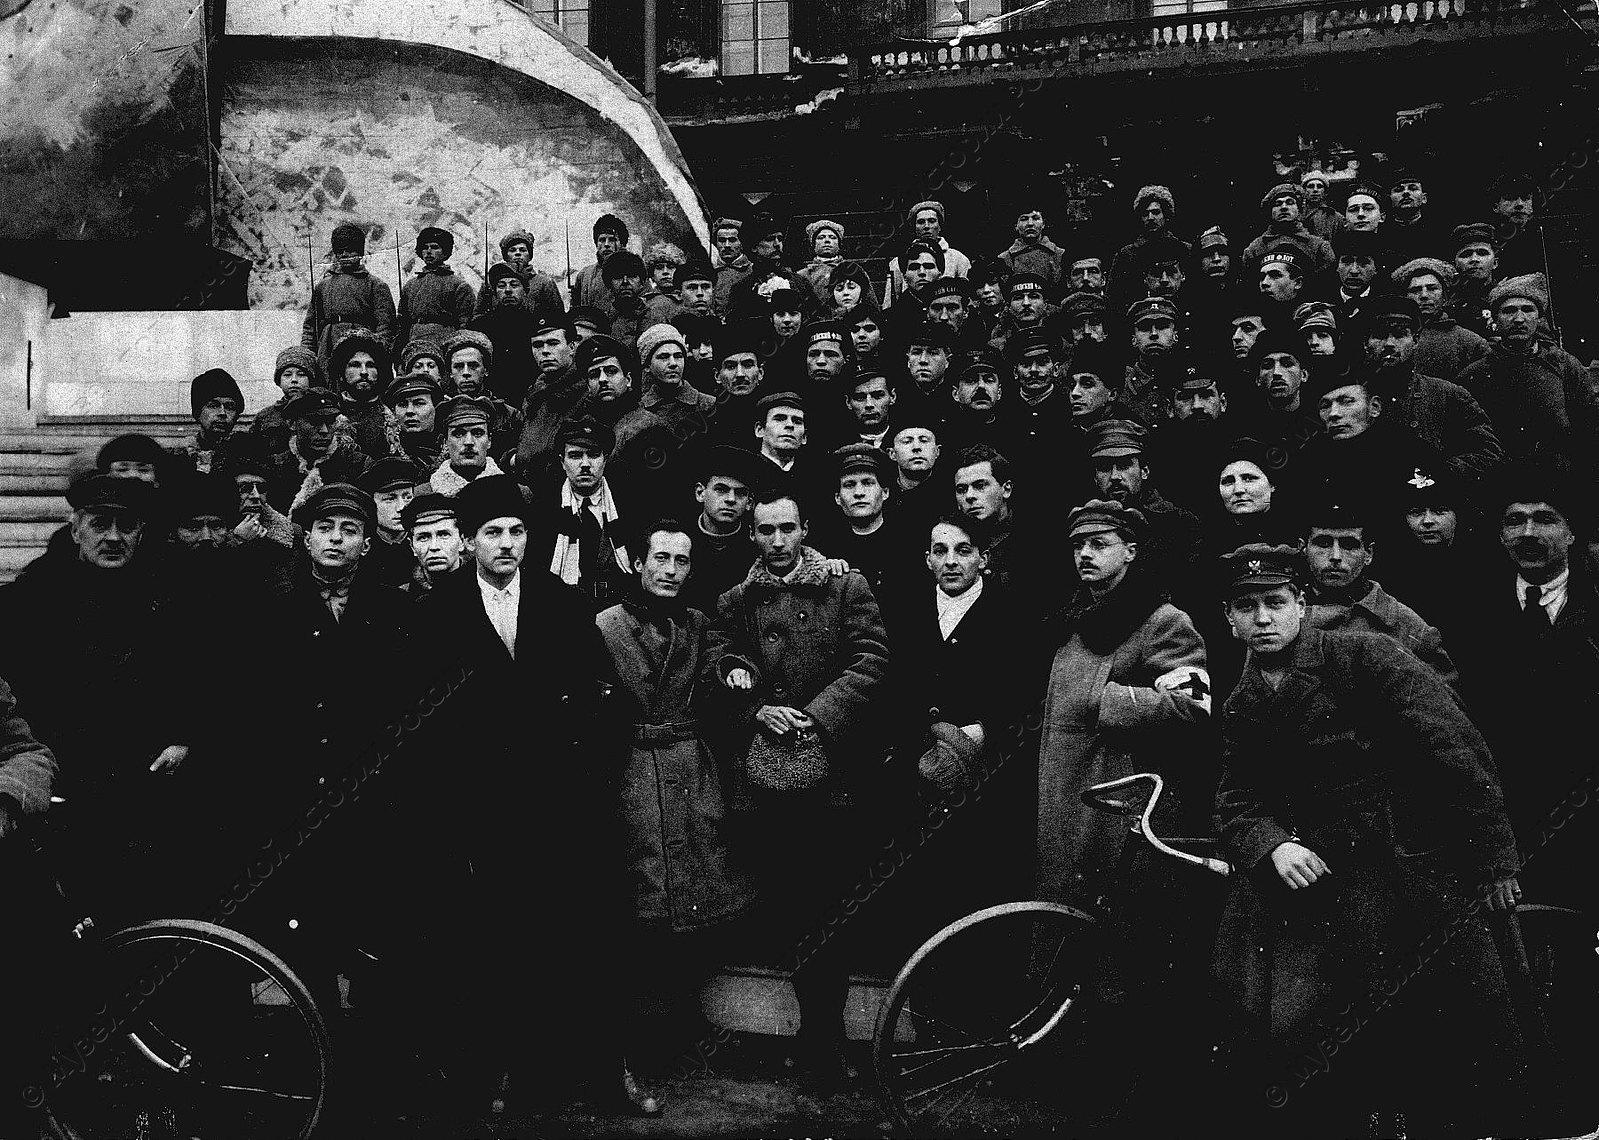 1920. Участники постановки мистерии Взятие Зимнего Дворца во время пребывания в Петрограде делегатов II конгресса Коминтерна